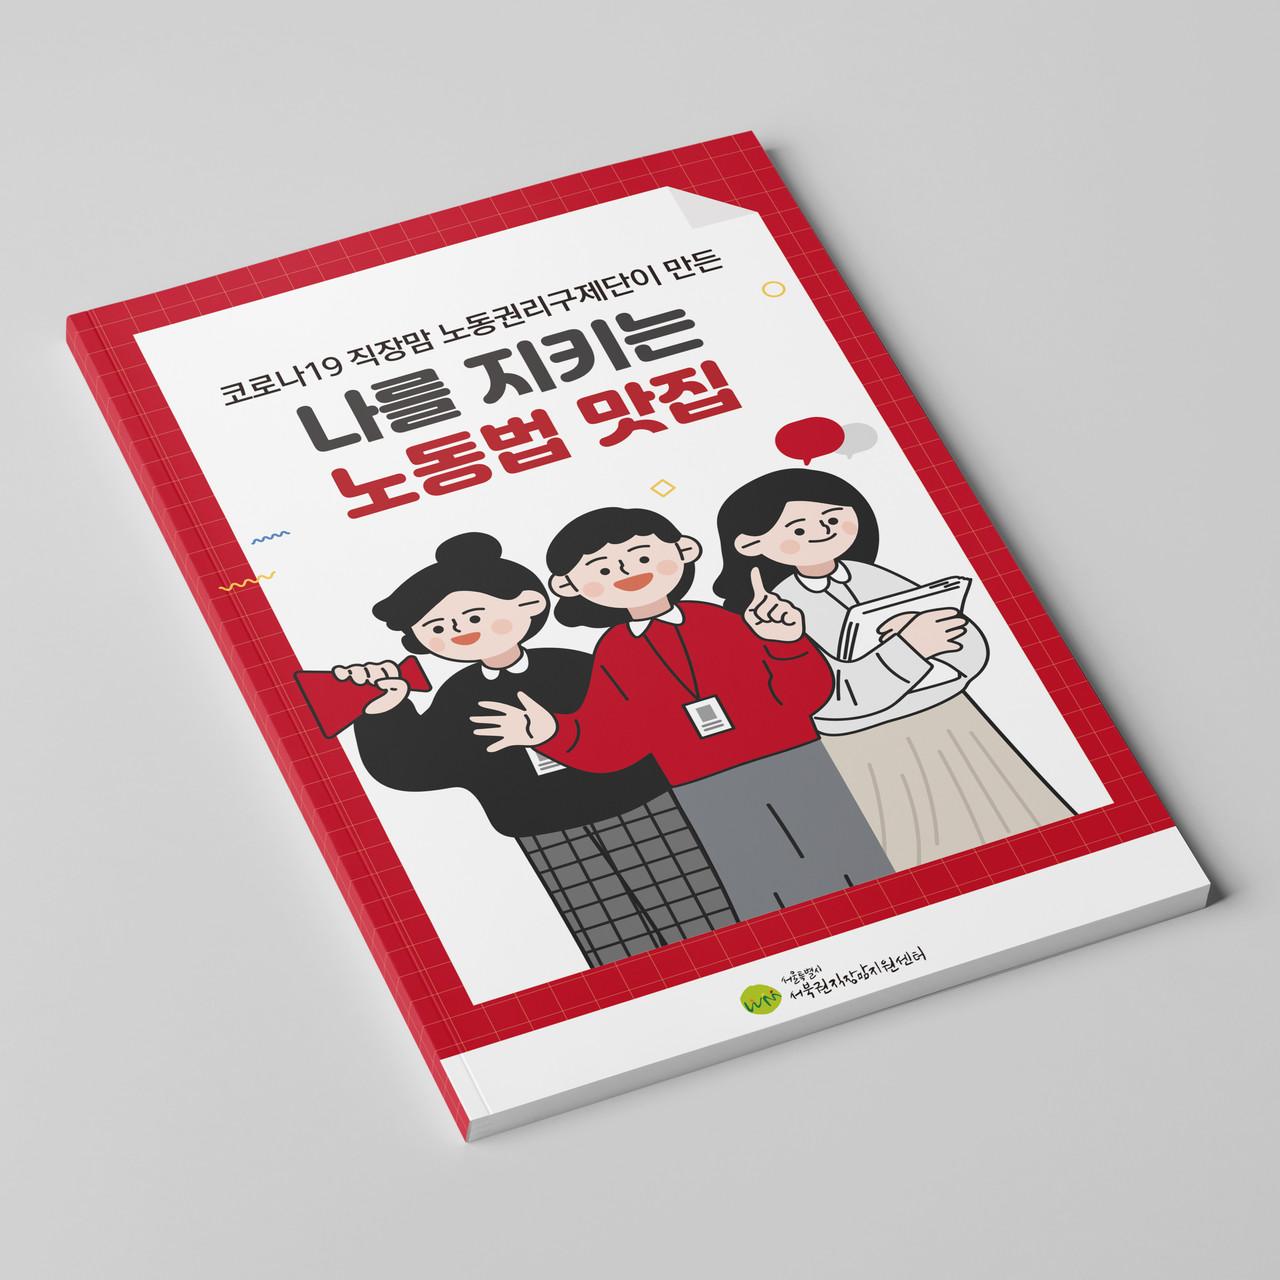 나를 지키는 노동법 맛집 - 서울특별시 서북권직장맘센터